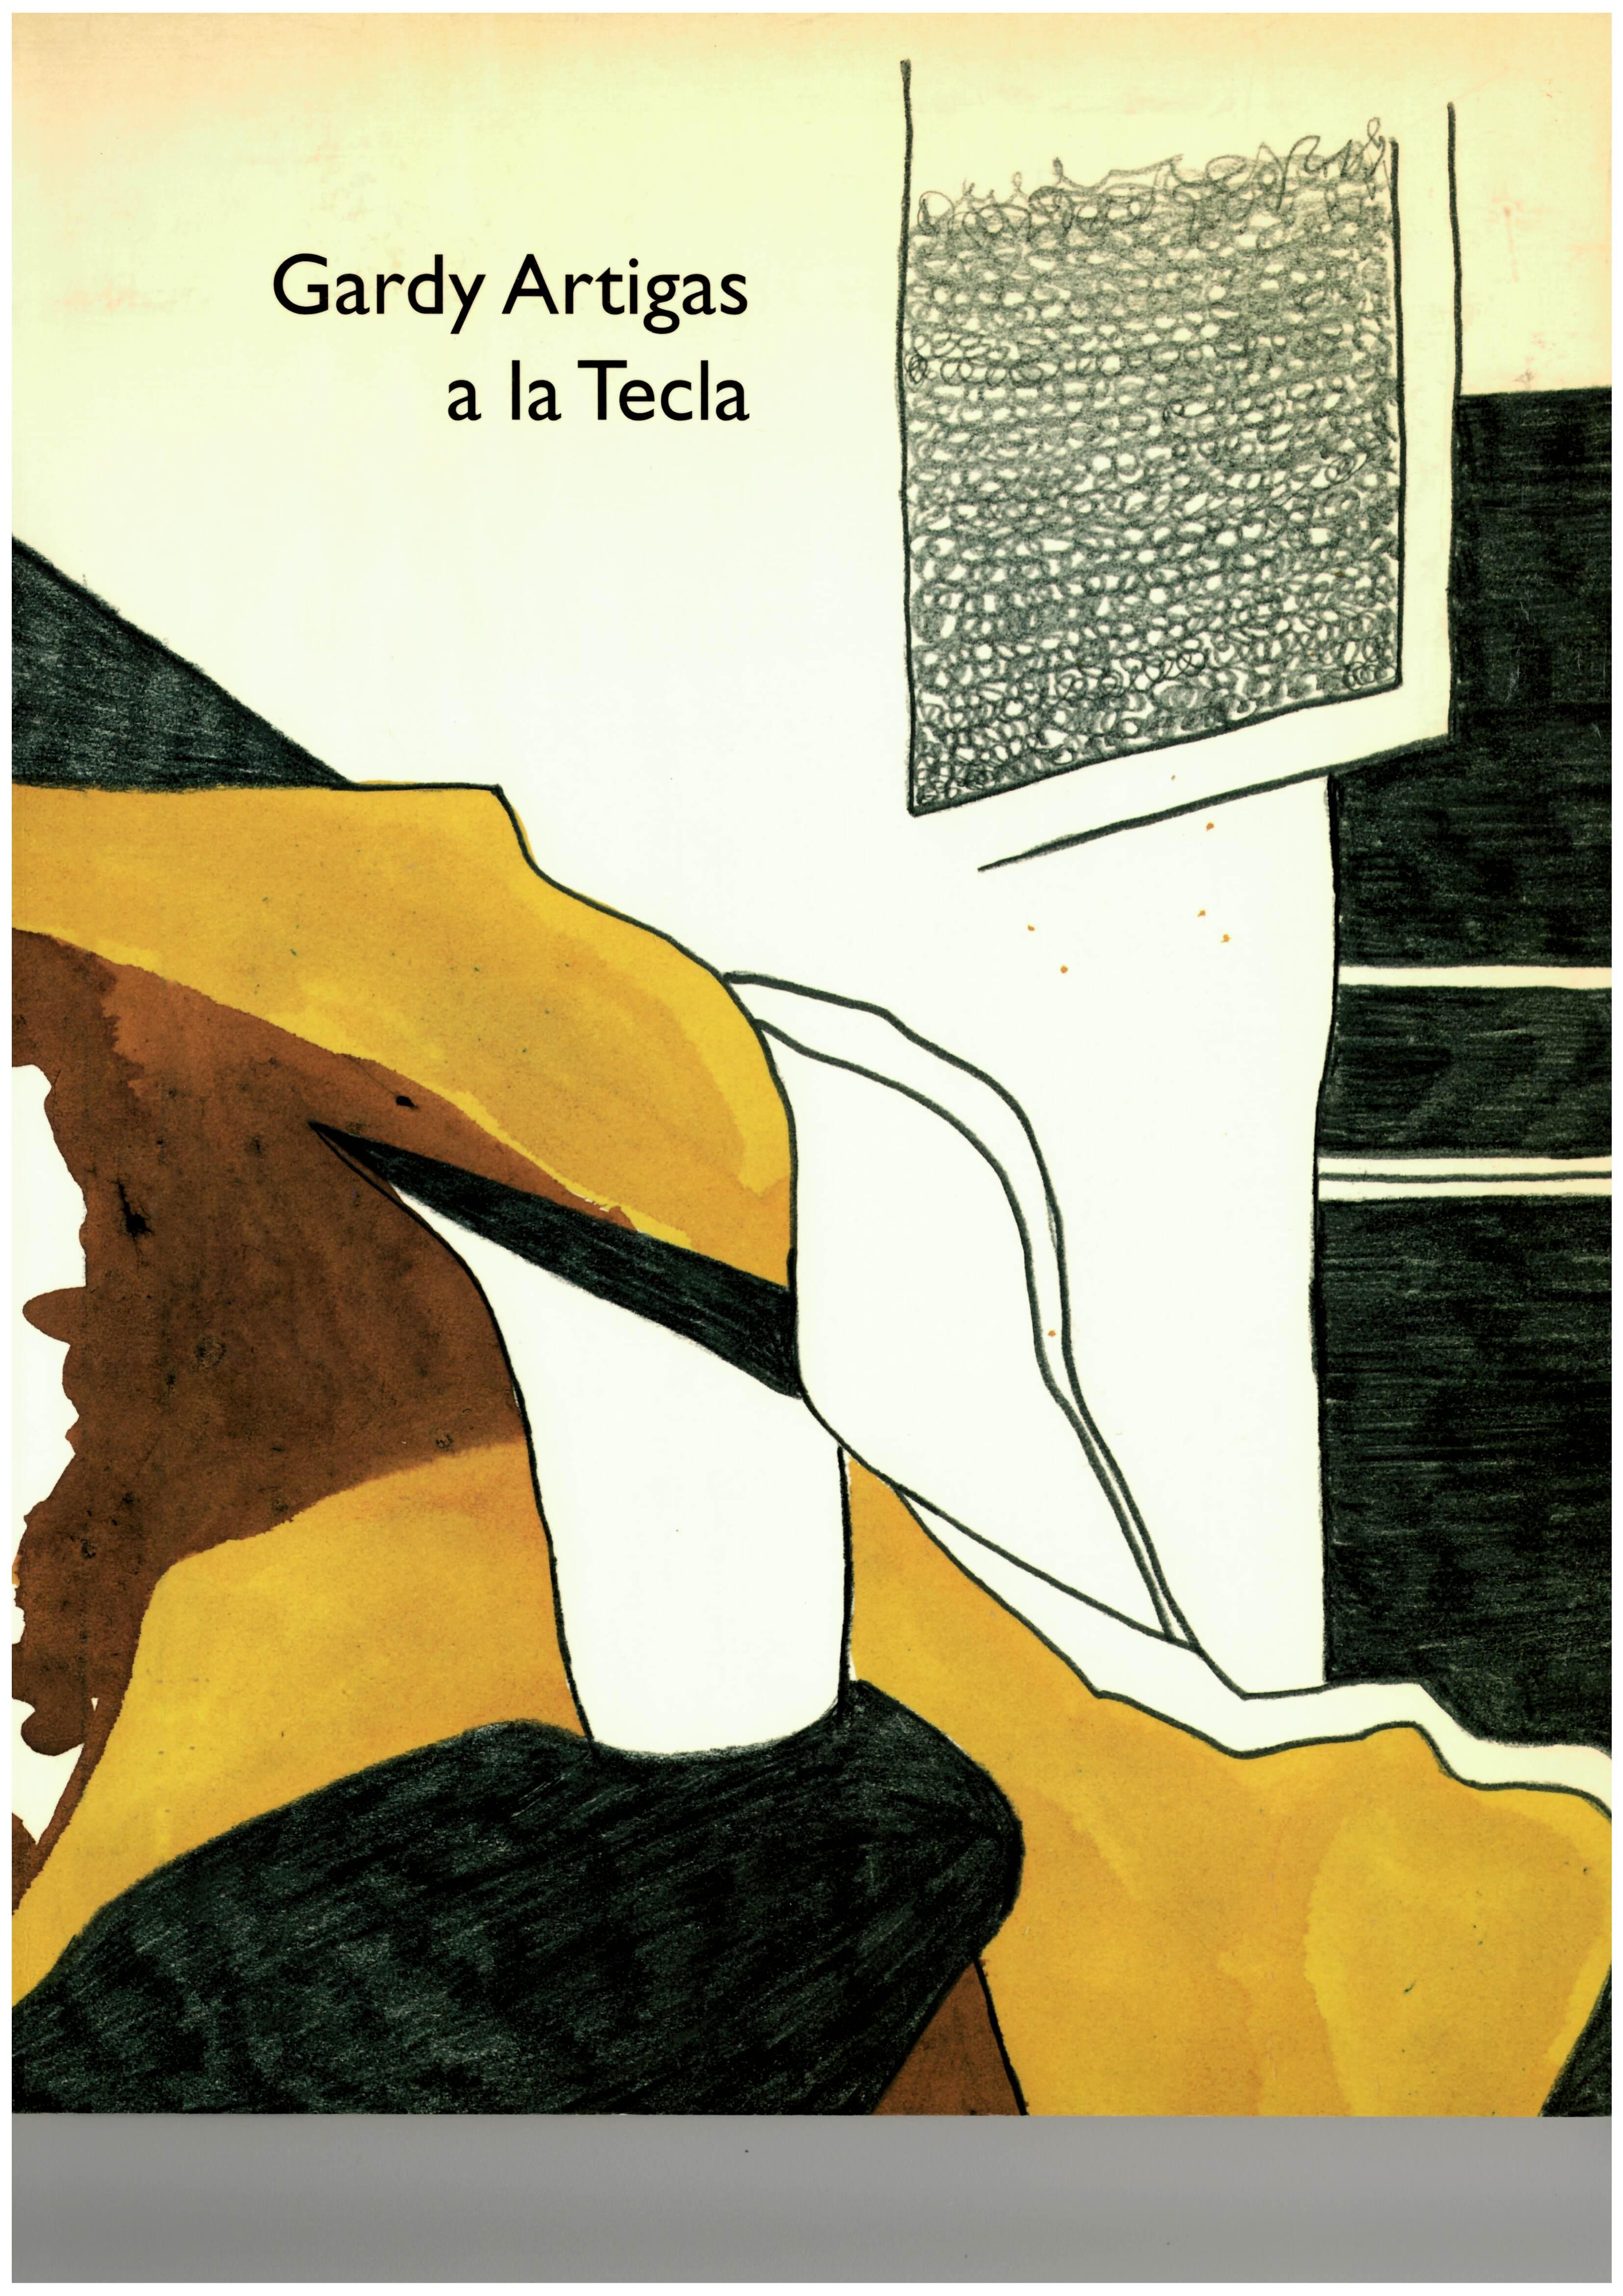 Gardy Artigas a la Tecla